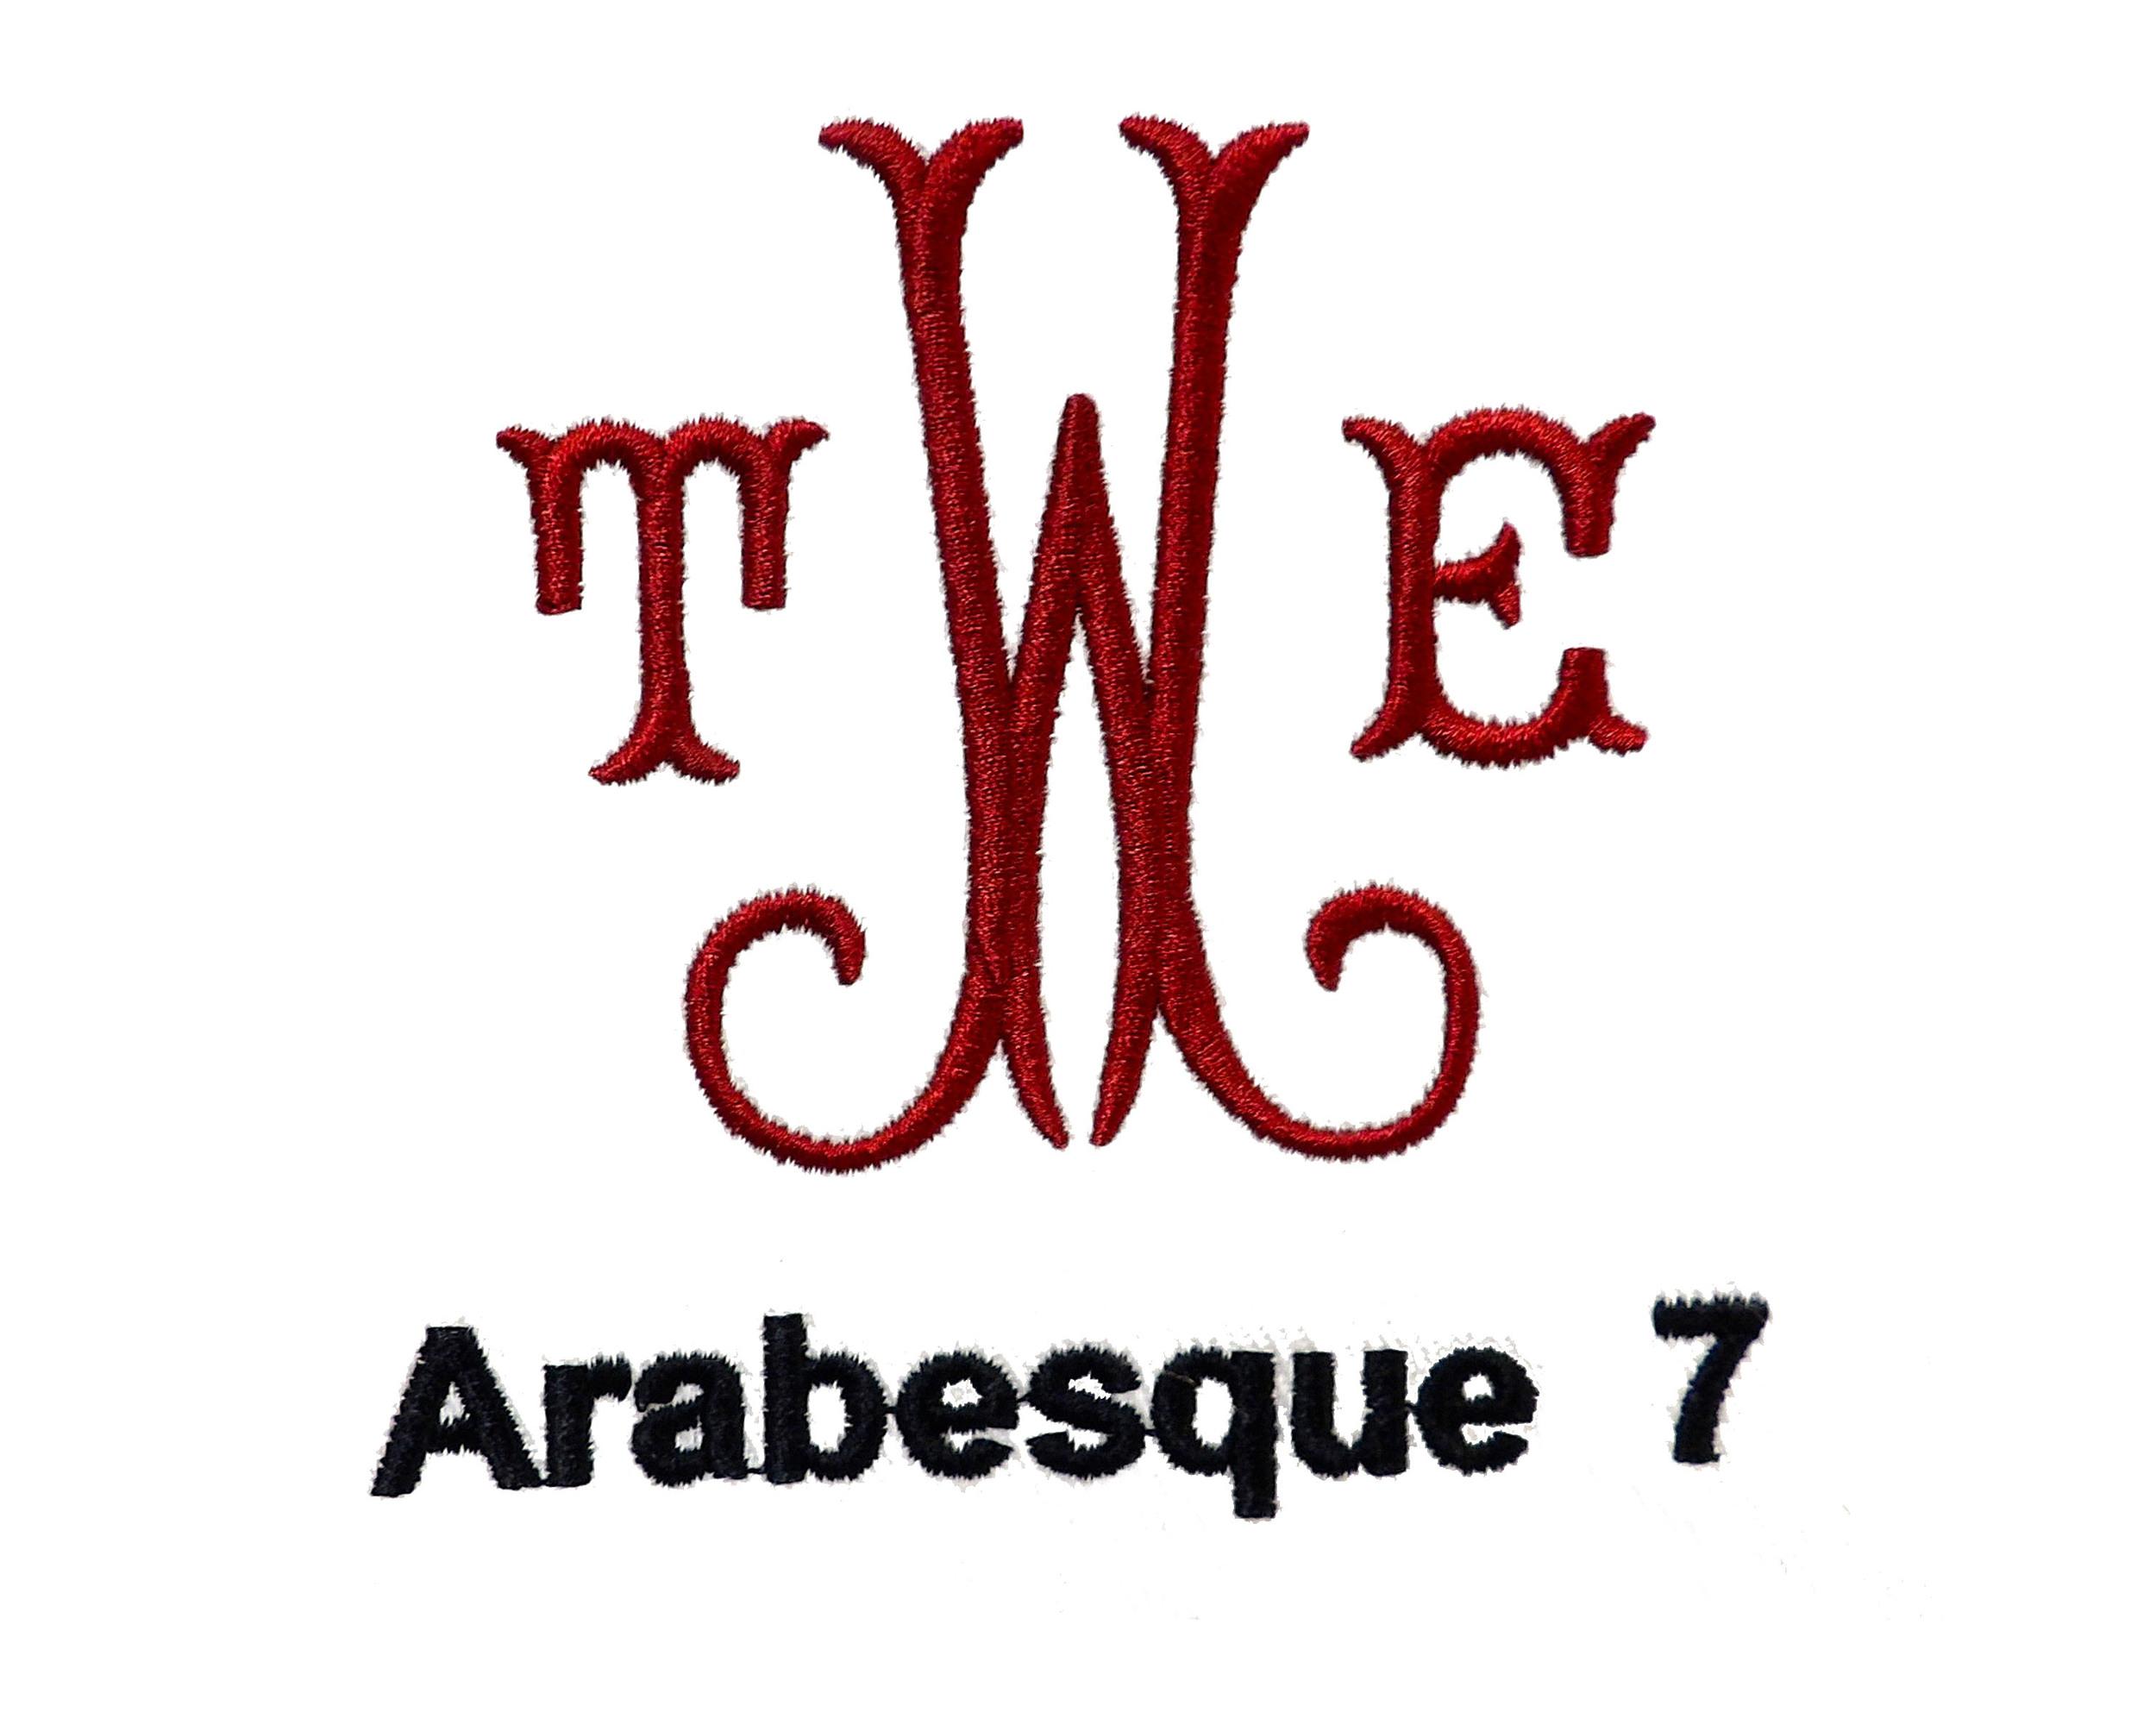 Arabesque 7.jpg